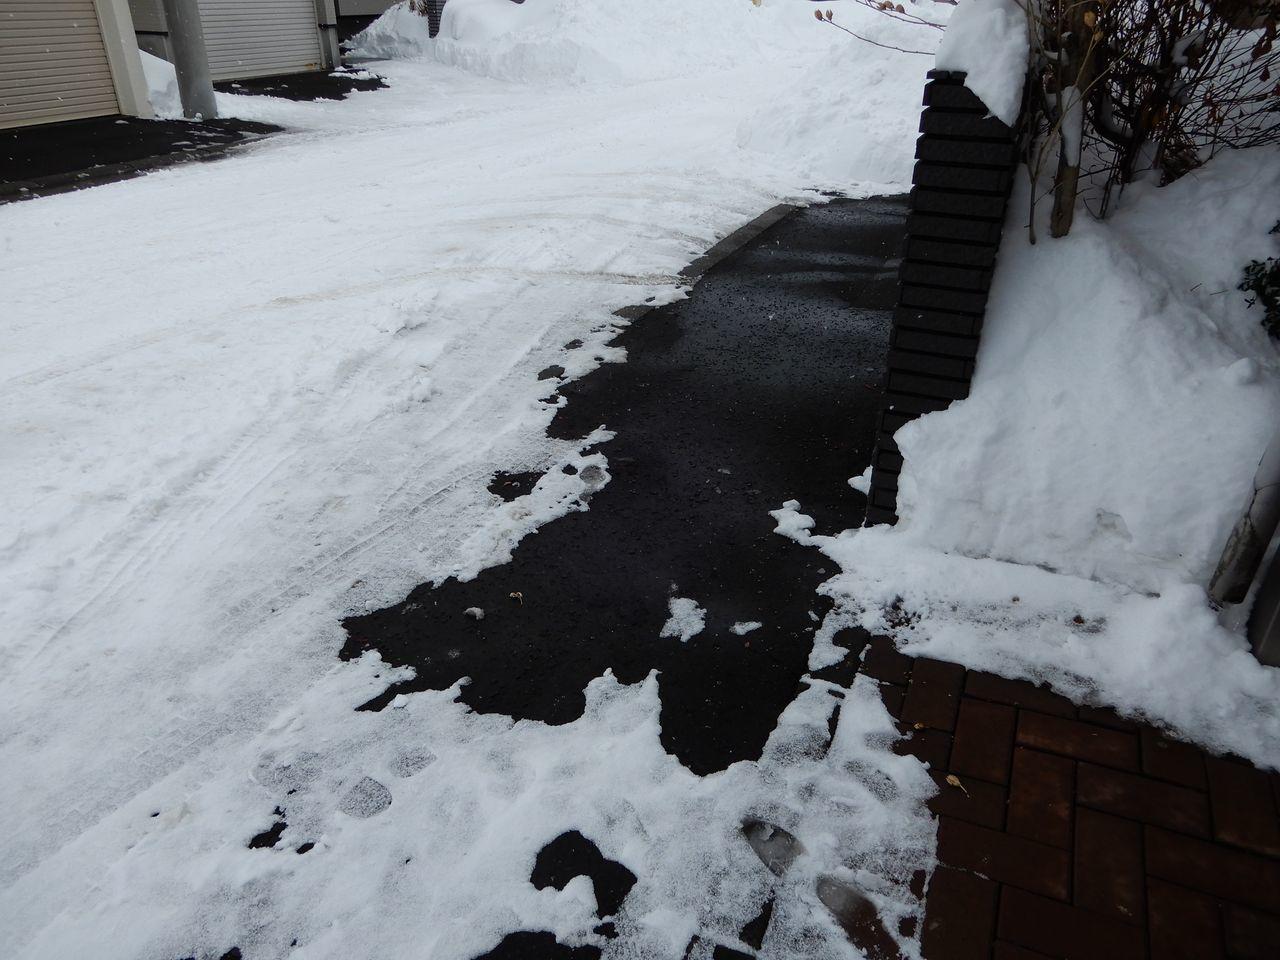 また15センチ位の積雪しかも除雪車が重い雪を置いていく_c0025115_22183817.jpg